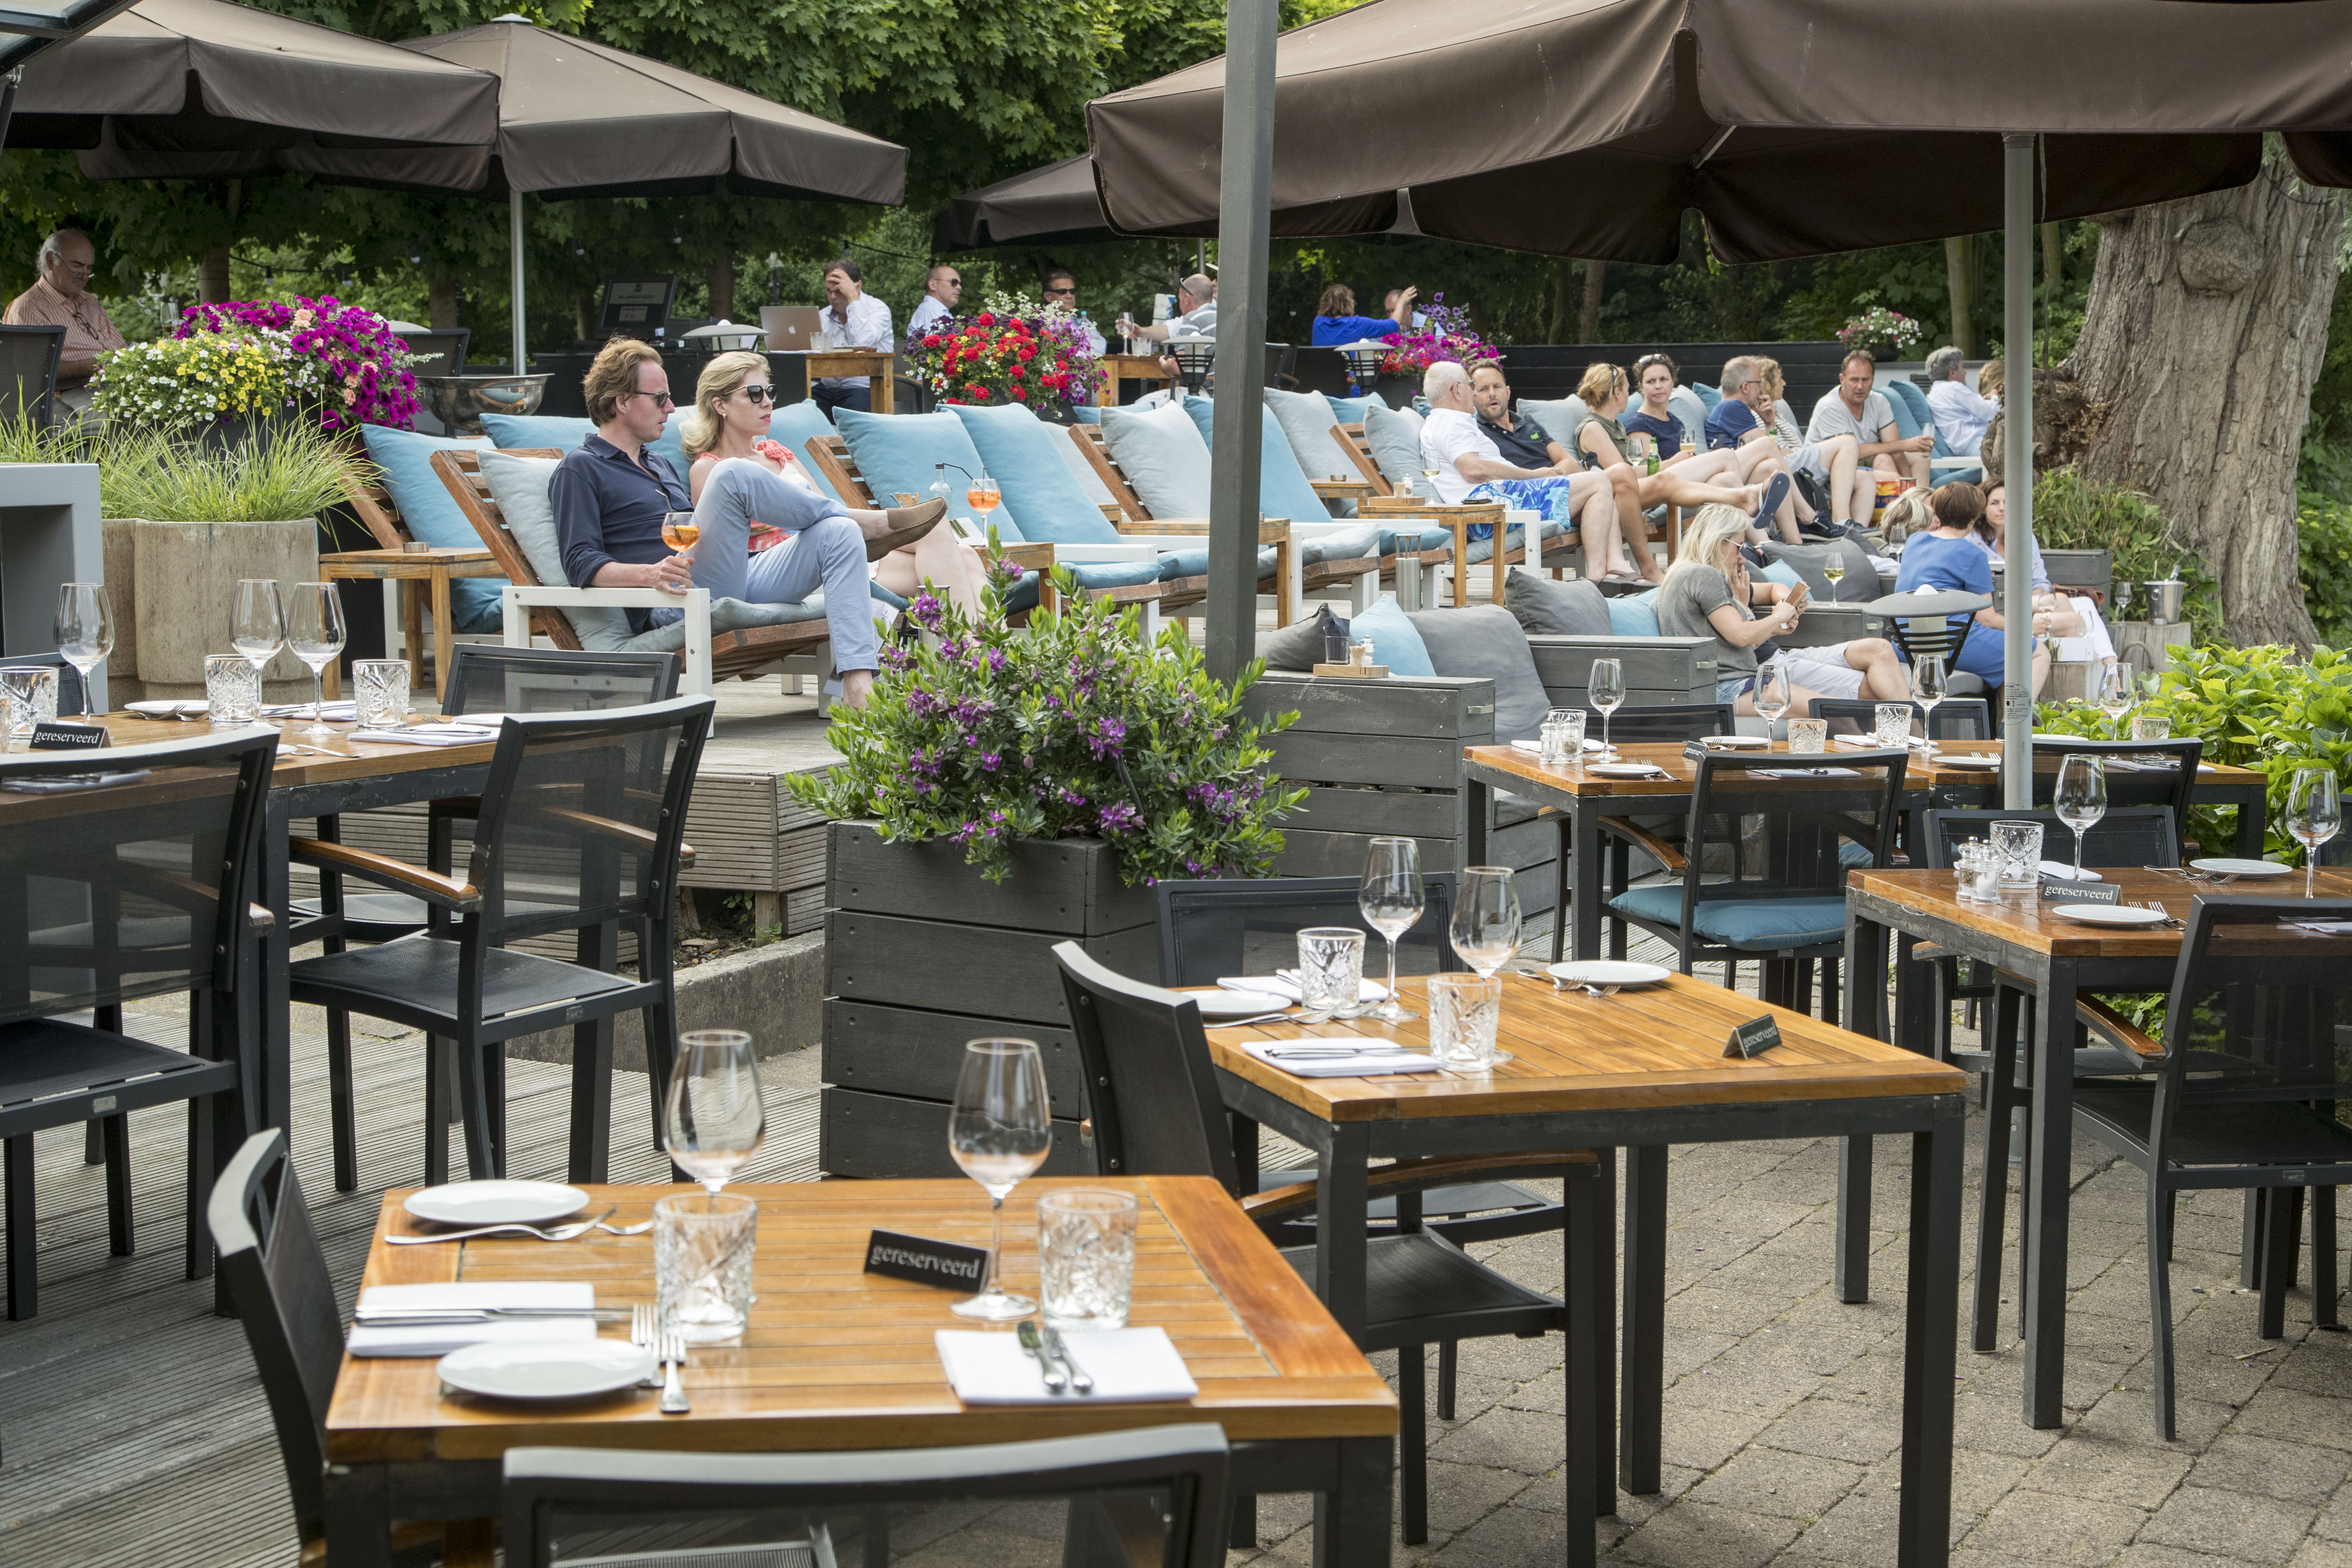 7x Wintertuin Inspiratie : Restaurant inrichting inspiratie. awesome inrichting horeca keukens